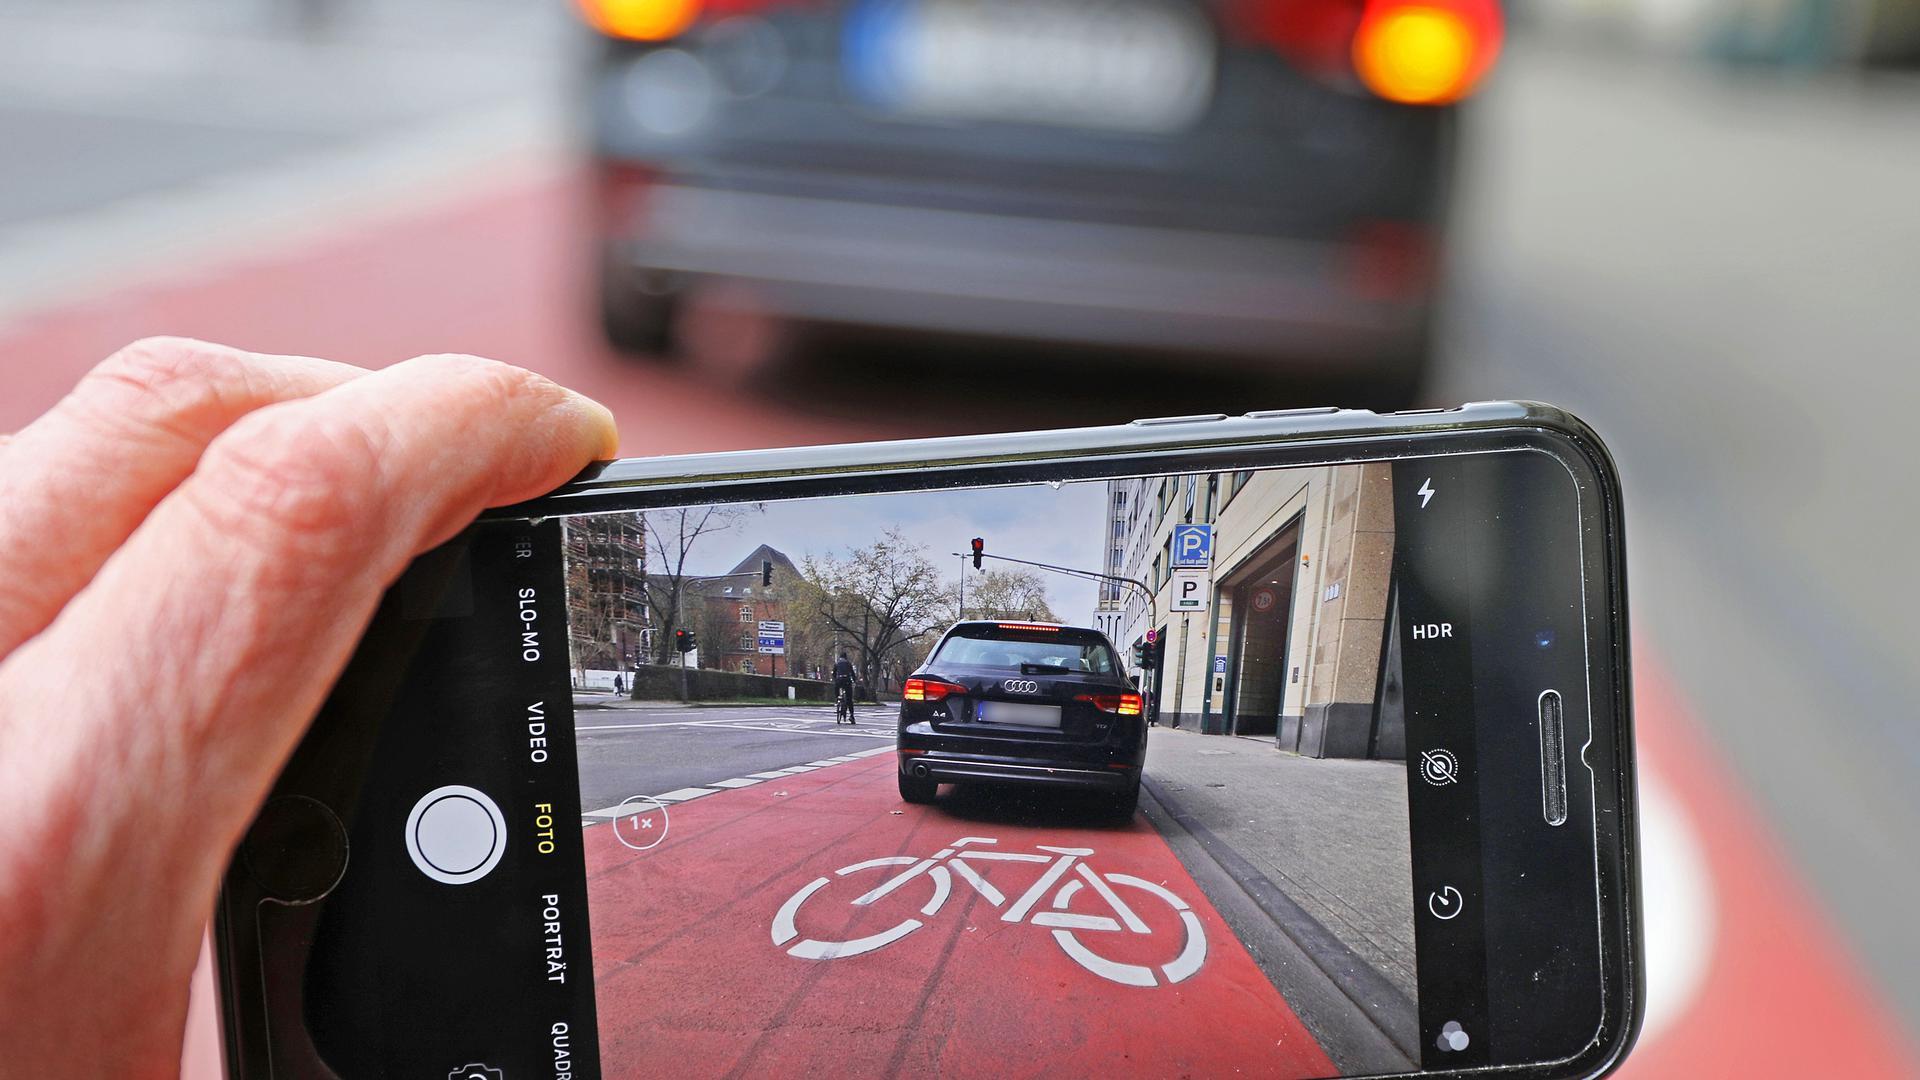 """ILLUSTRATION - Auf einem Smartphone ist das Bild eines Autos zu sehen, das auf einem Radstreifen hält. Eine wachsende Zahl von Parksünden wird in Nordrhein-Westfalens großen Städten von Privatleuten gemeldet. (Zu dpa: """"Privatleute gegen Parksünder: Zahl von Fremdanzeigen gestiegen"""") +++ dpa-Bildfunk +++"""